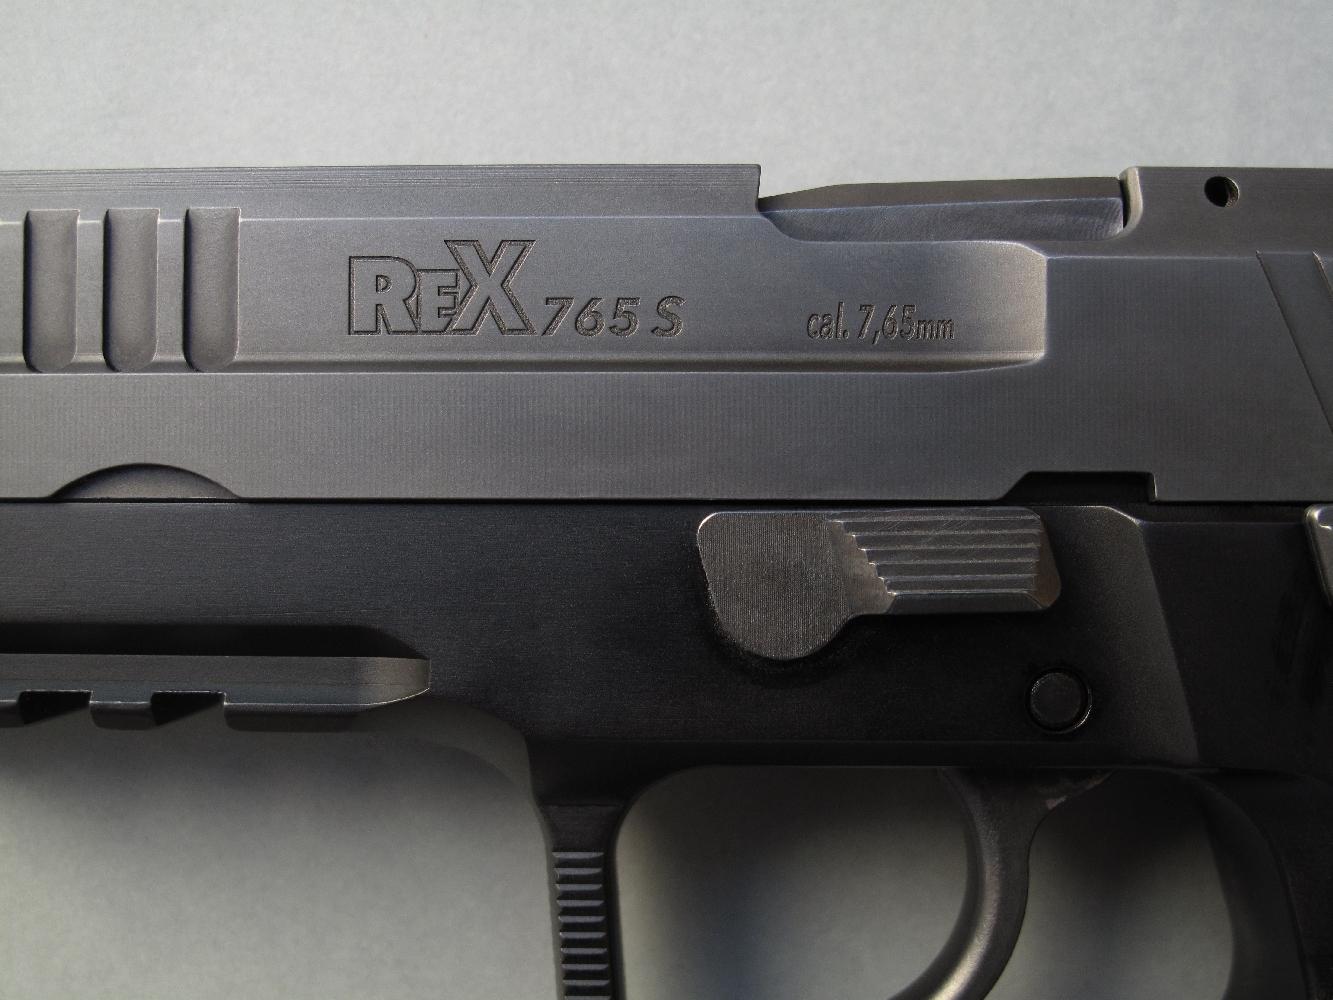 La dénomination du modèle, ainsi que l'indication de son calibre, sont profondément gravées sur le flanc gauche de la glissière.